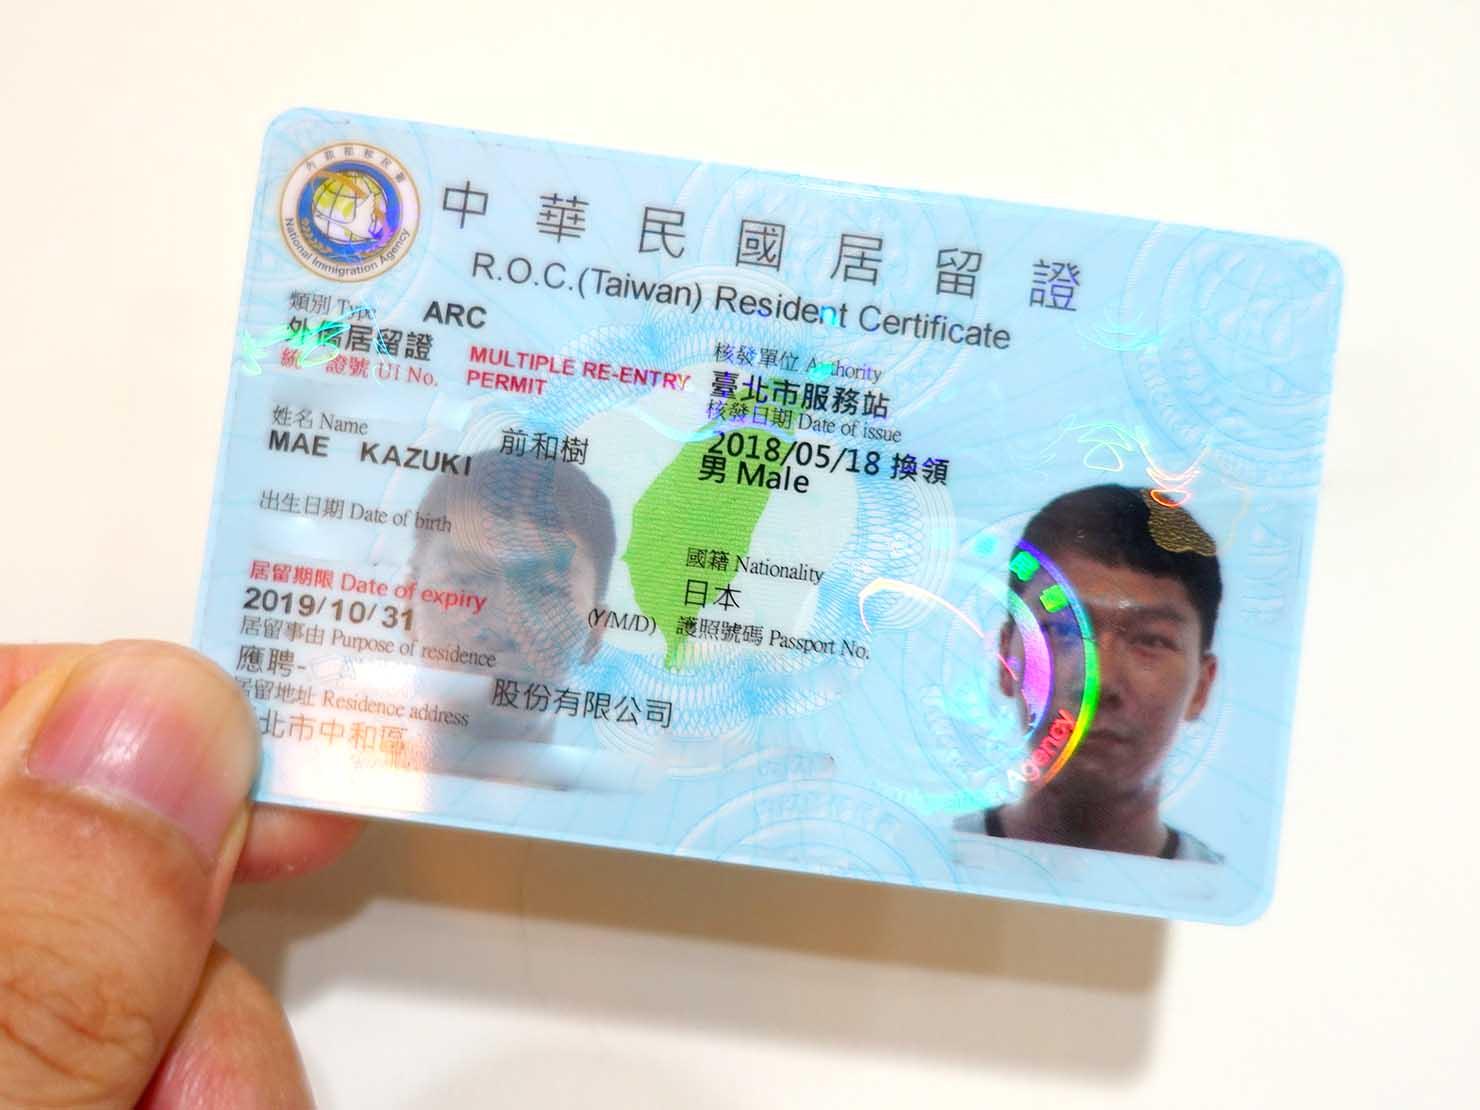 台湾の居留証